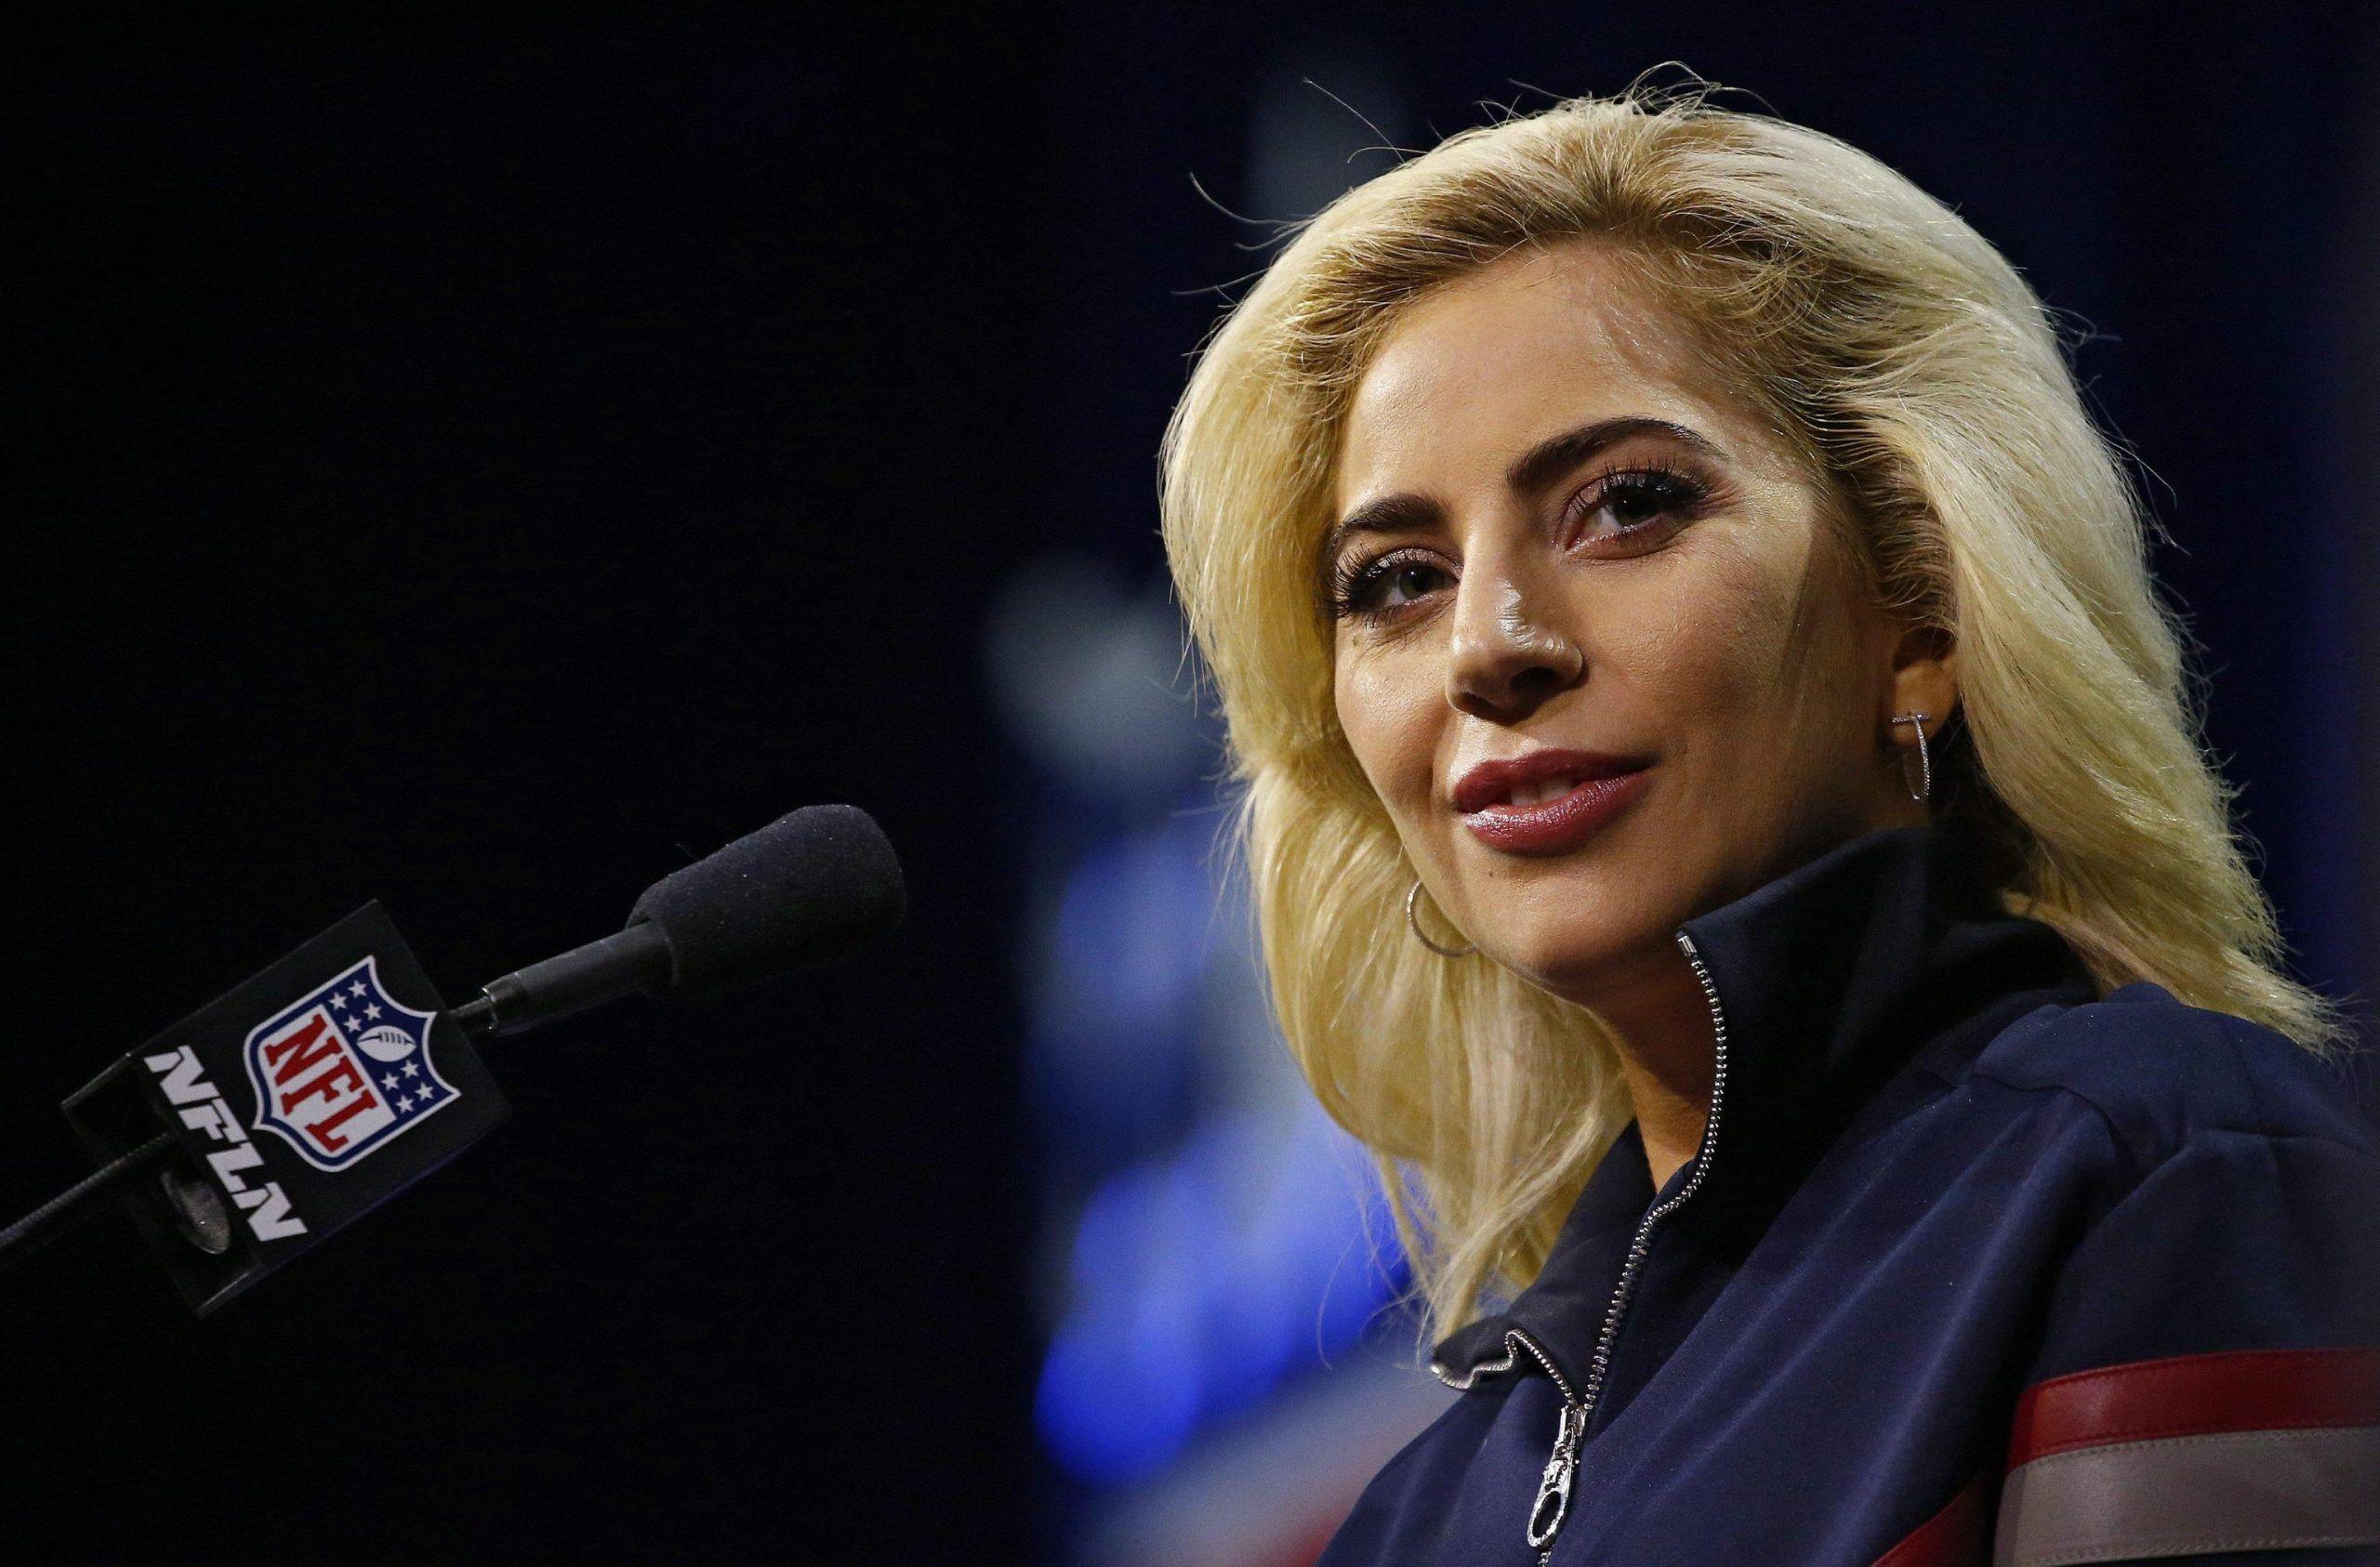 Lady Gaga Milano tour 2017